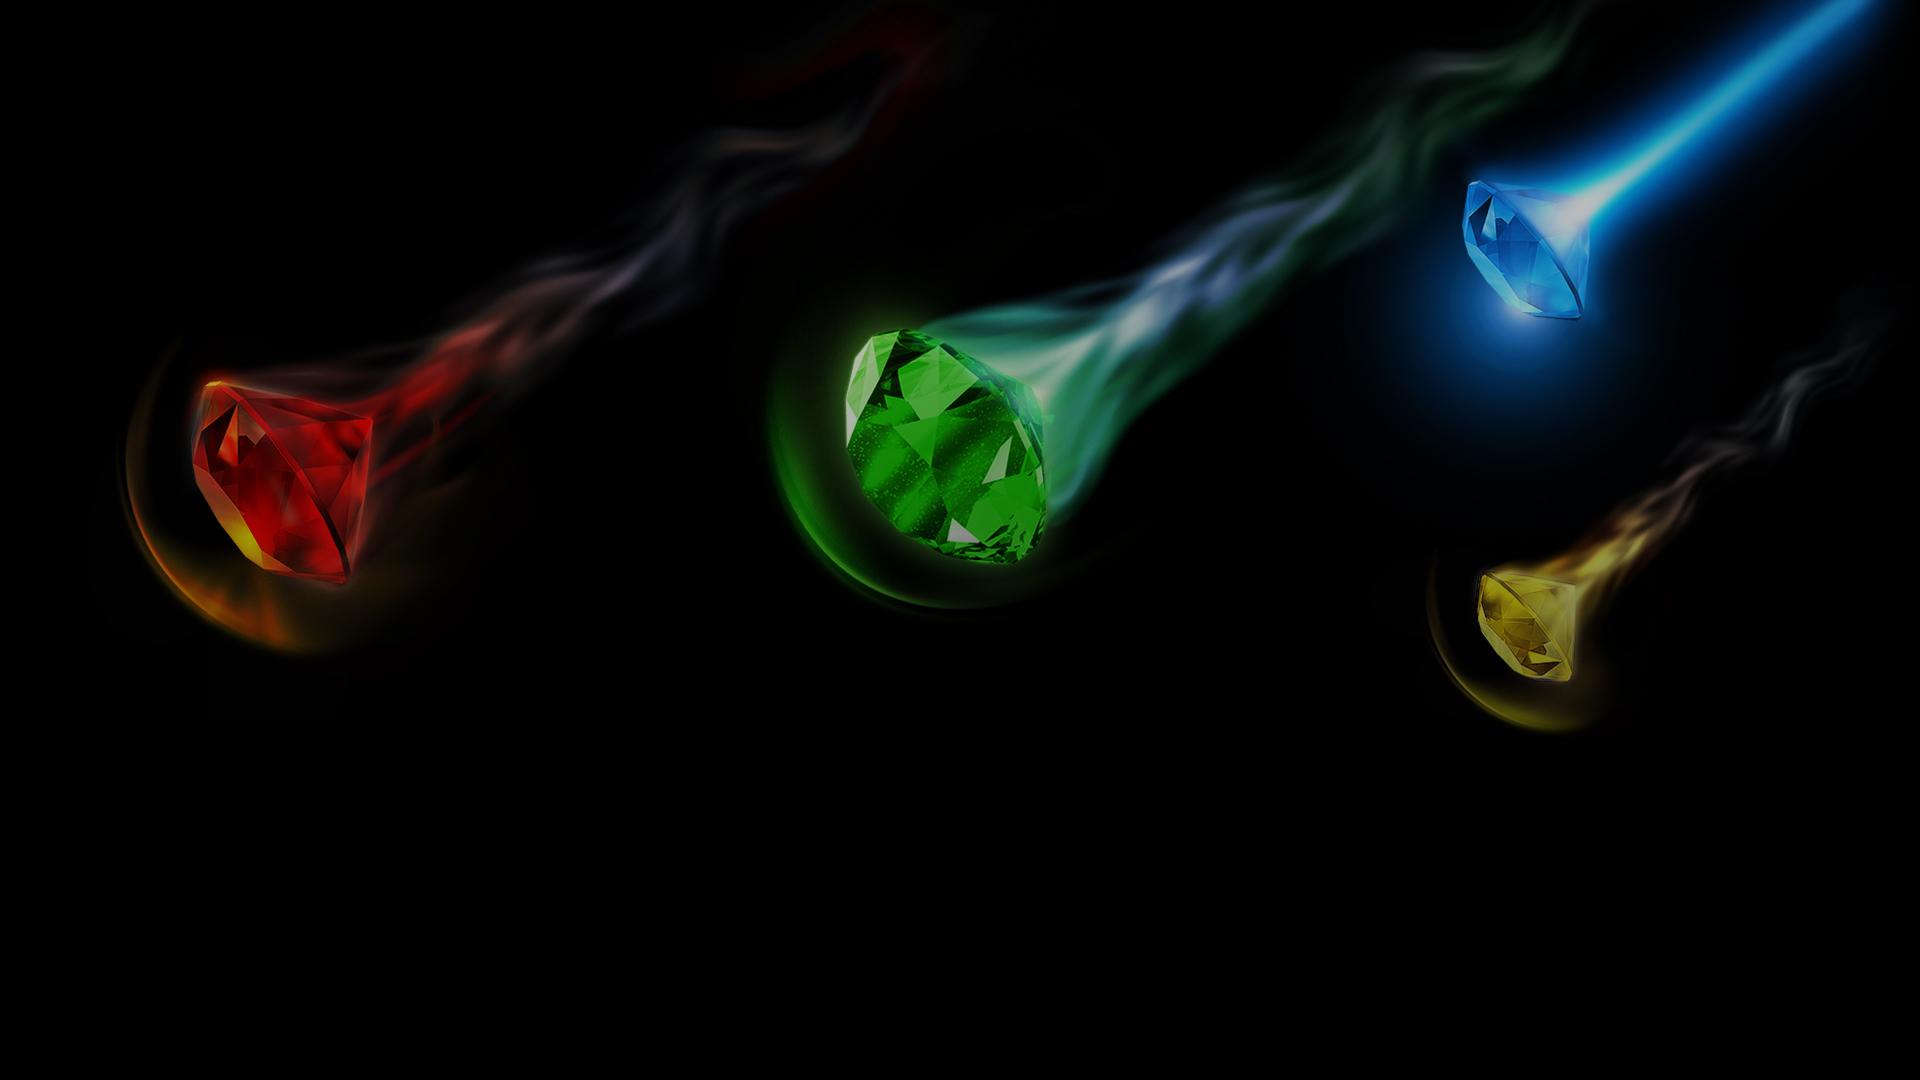 Αγορά Κοινότητας Steam    Αγγελίες για 206610-3SwitcheD - Main Theme 3fded6f8155